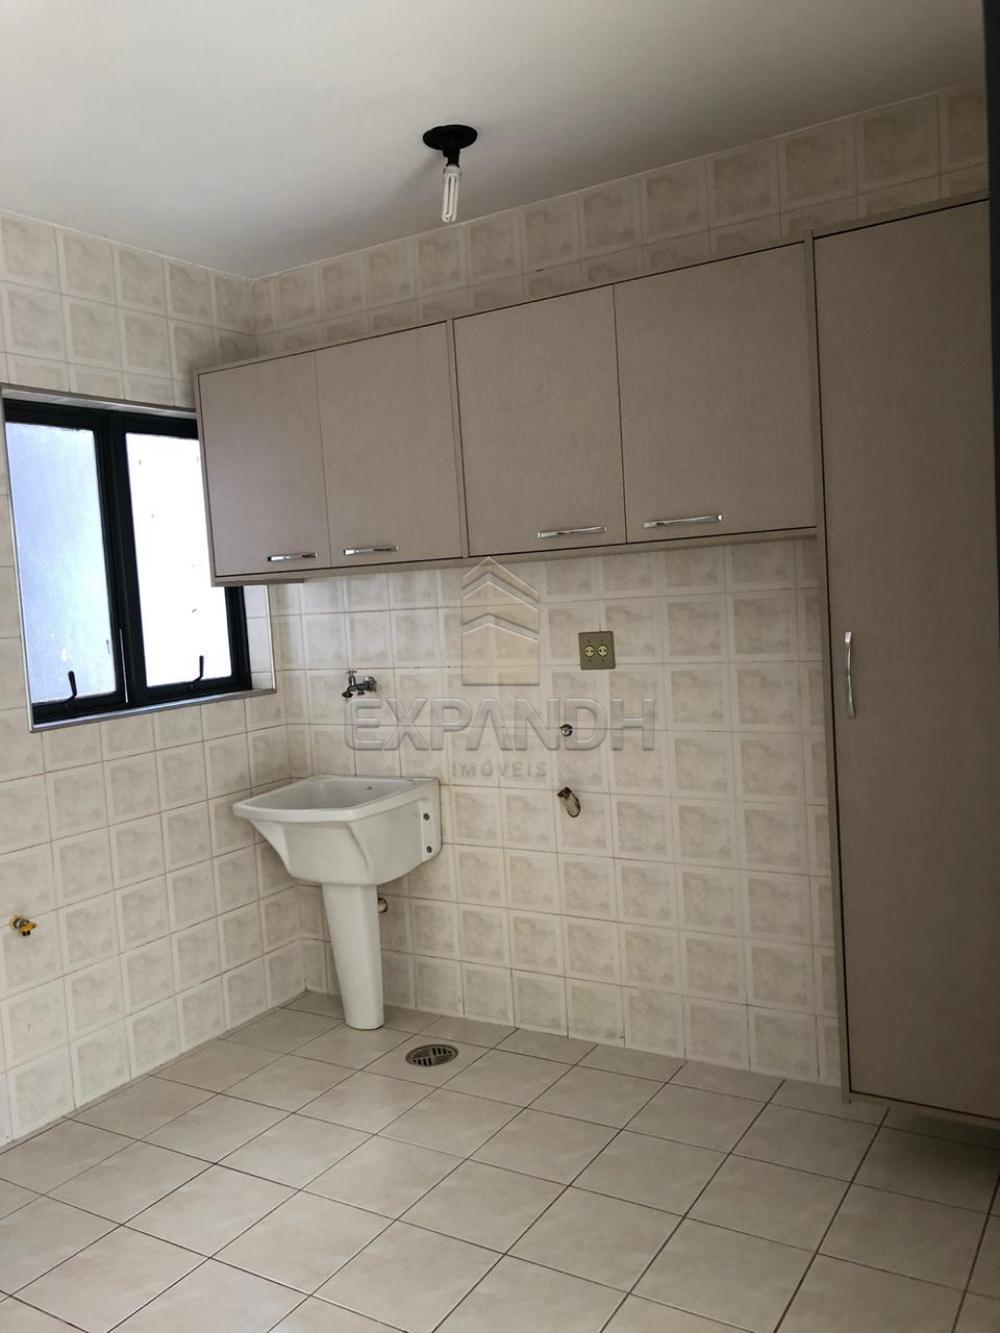 Alugar Apartamentos / Padrão em Sertãozinho apenas R$ 900,00 - Foto 4